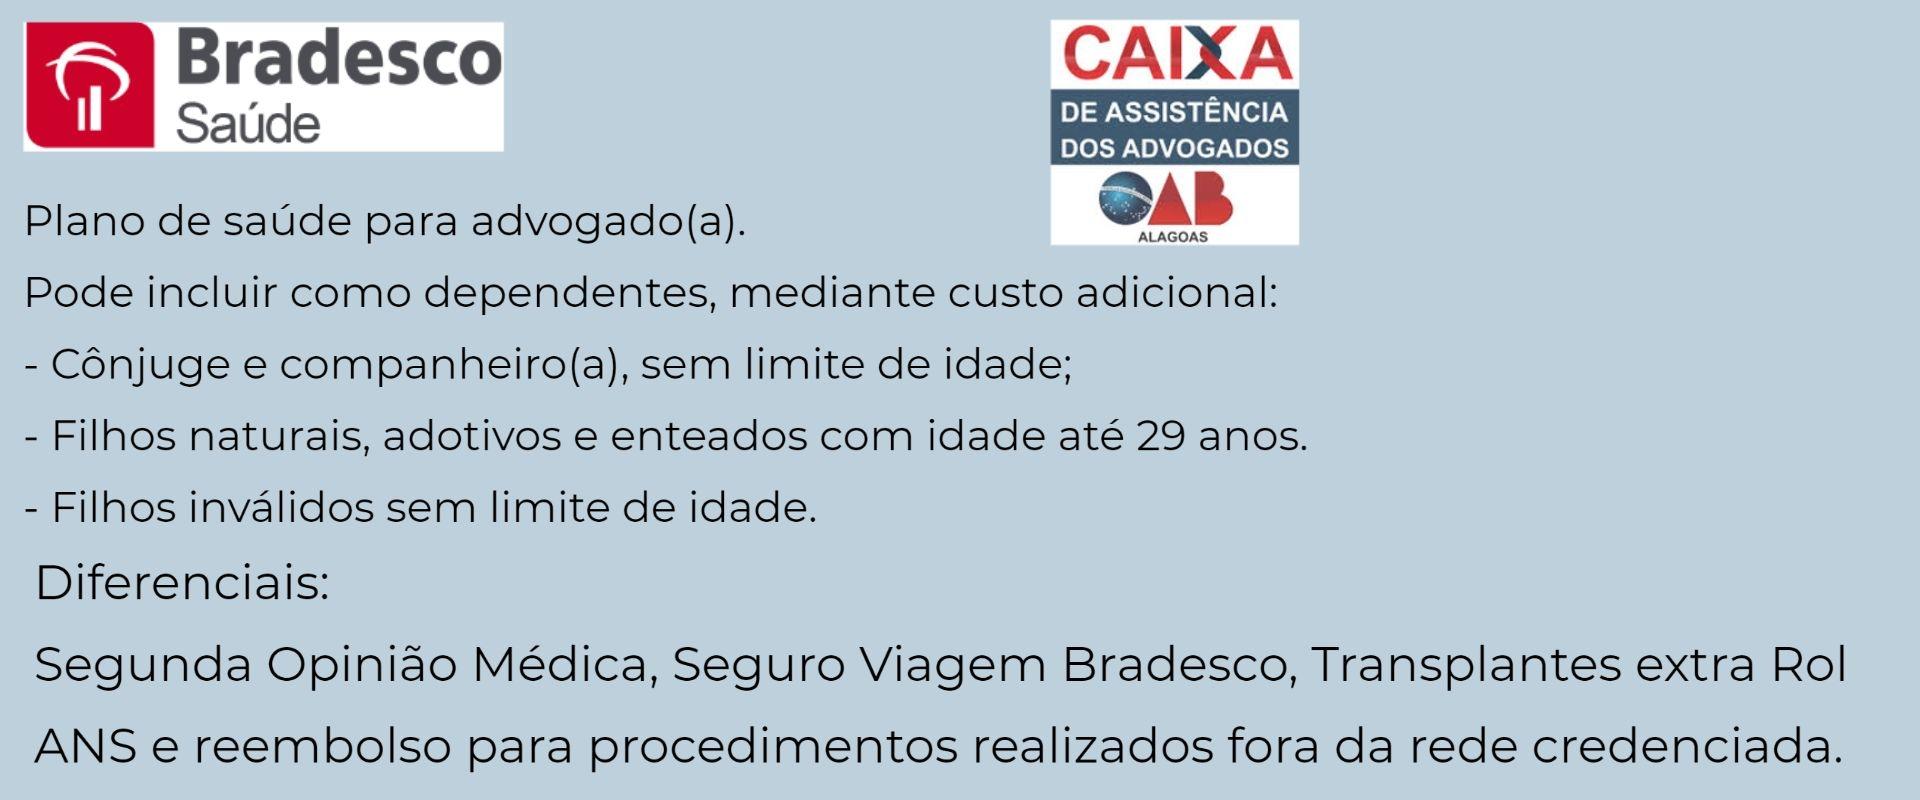 Bradesco Saúde CAA-AL